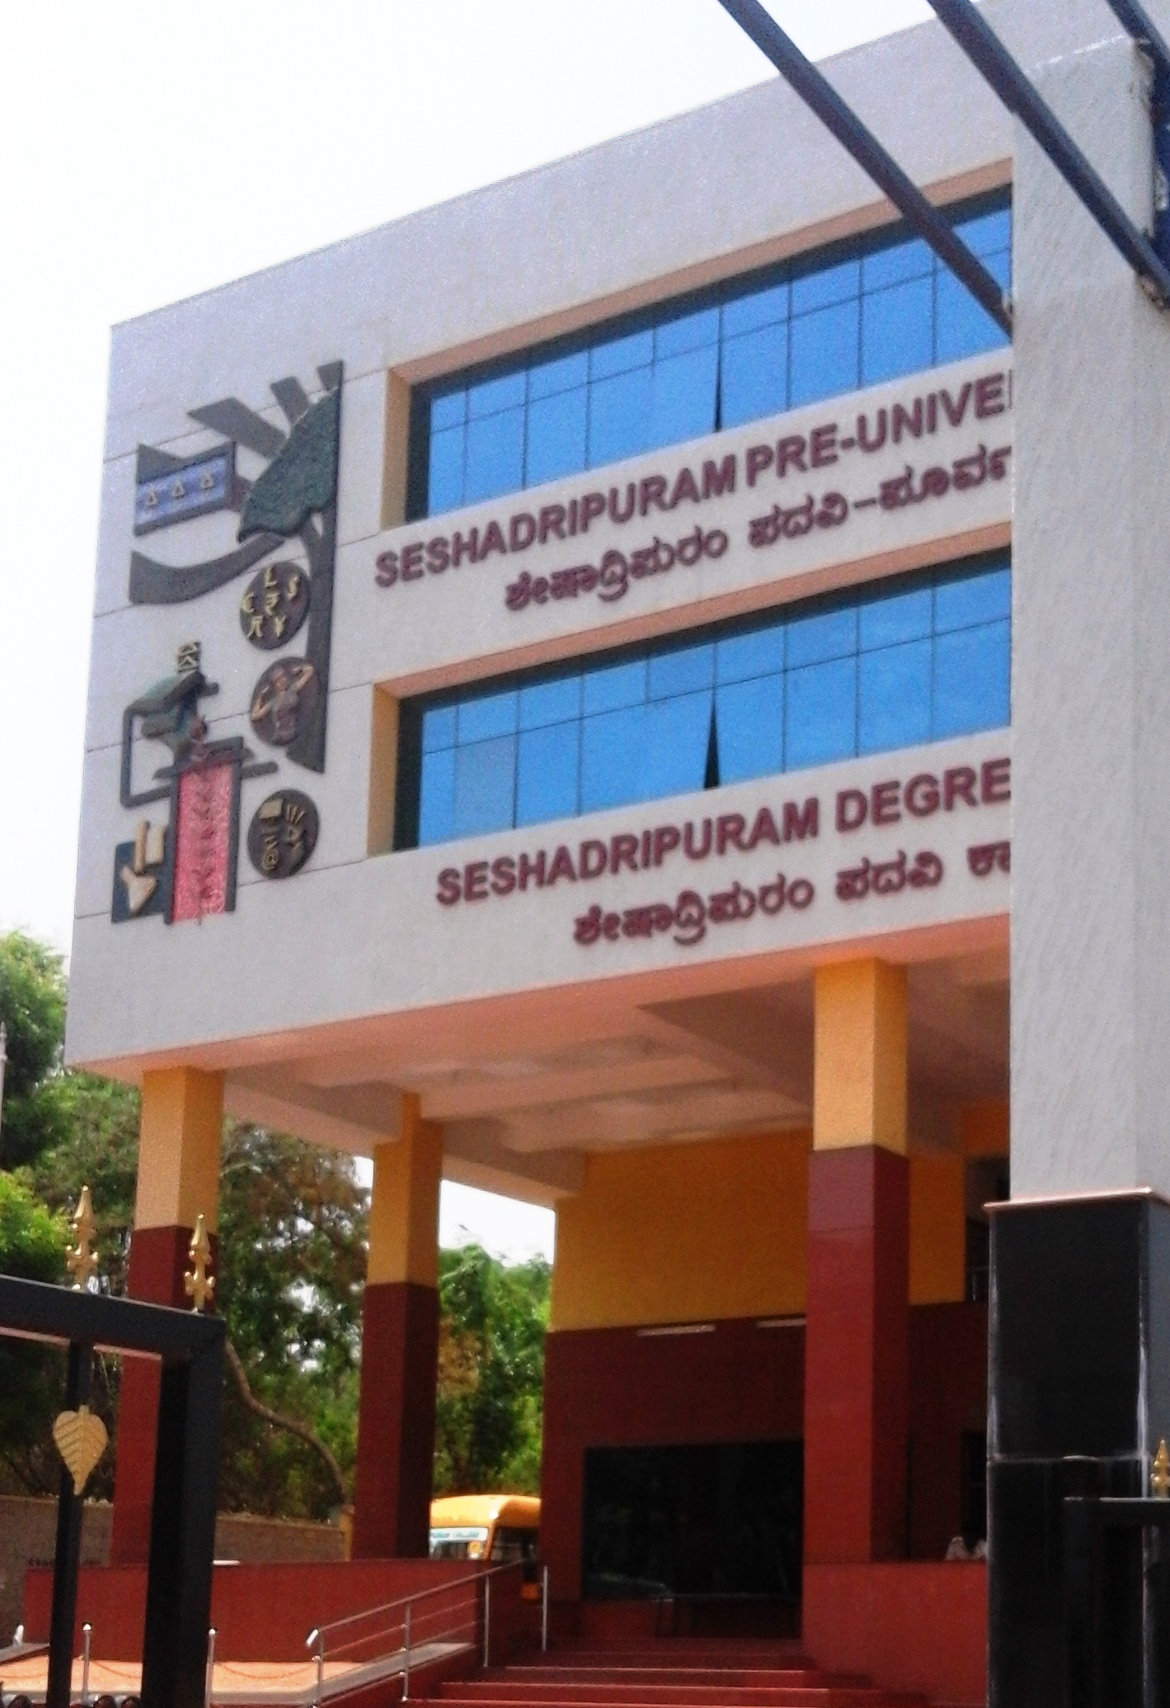 Seshadripuram Degree College Mysore Wikipedia